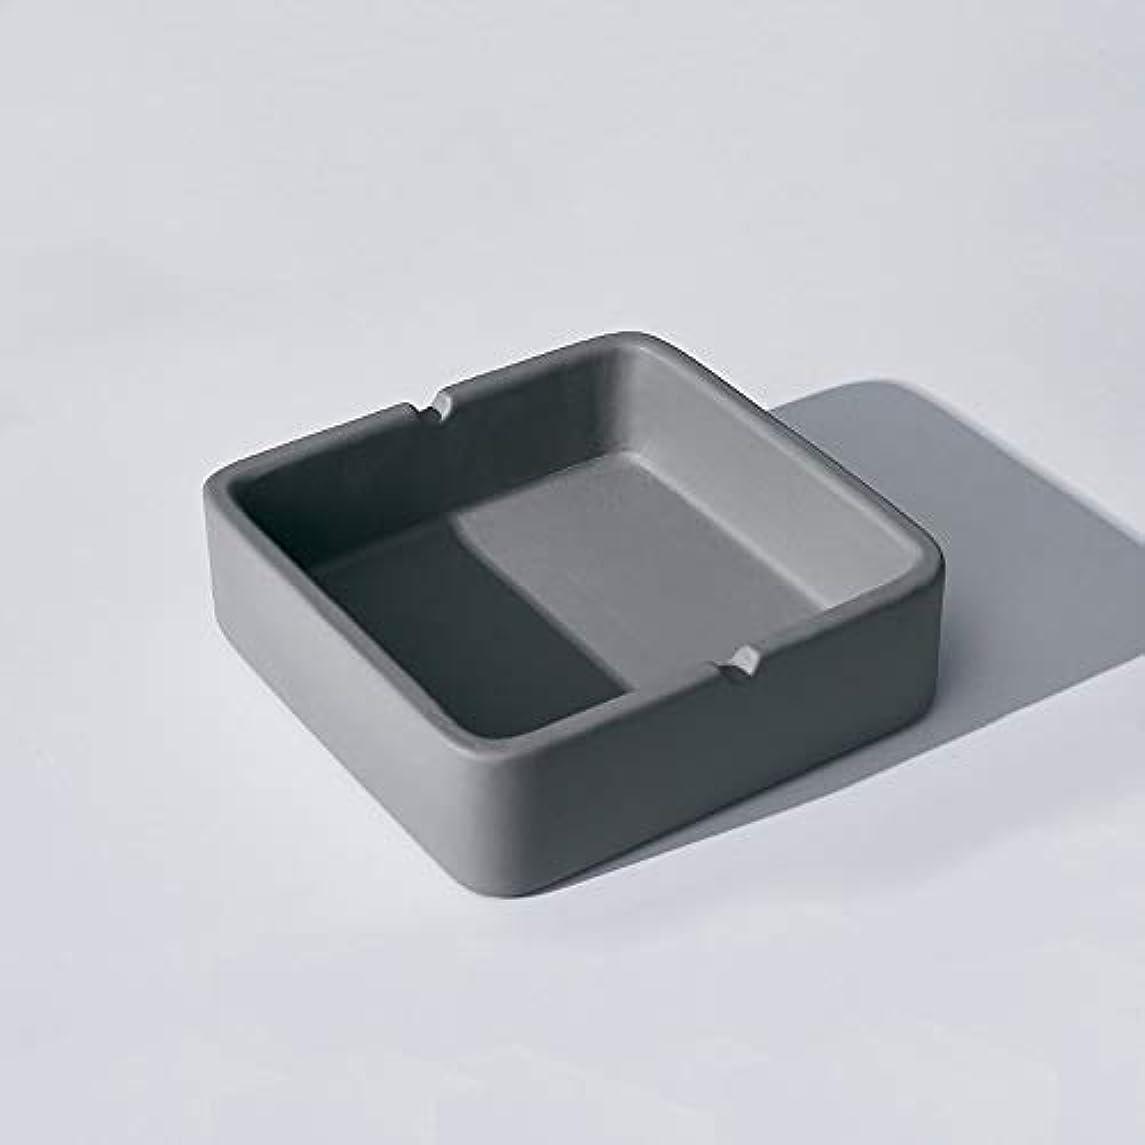 肘掛け椅子迫害する付属品正方形の灰皿、繊細なコンクリートの質感の灰皿、多人数使用シーンに適したパーソナライズされた屋外の灰皿の装飾 (Size : S)